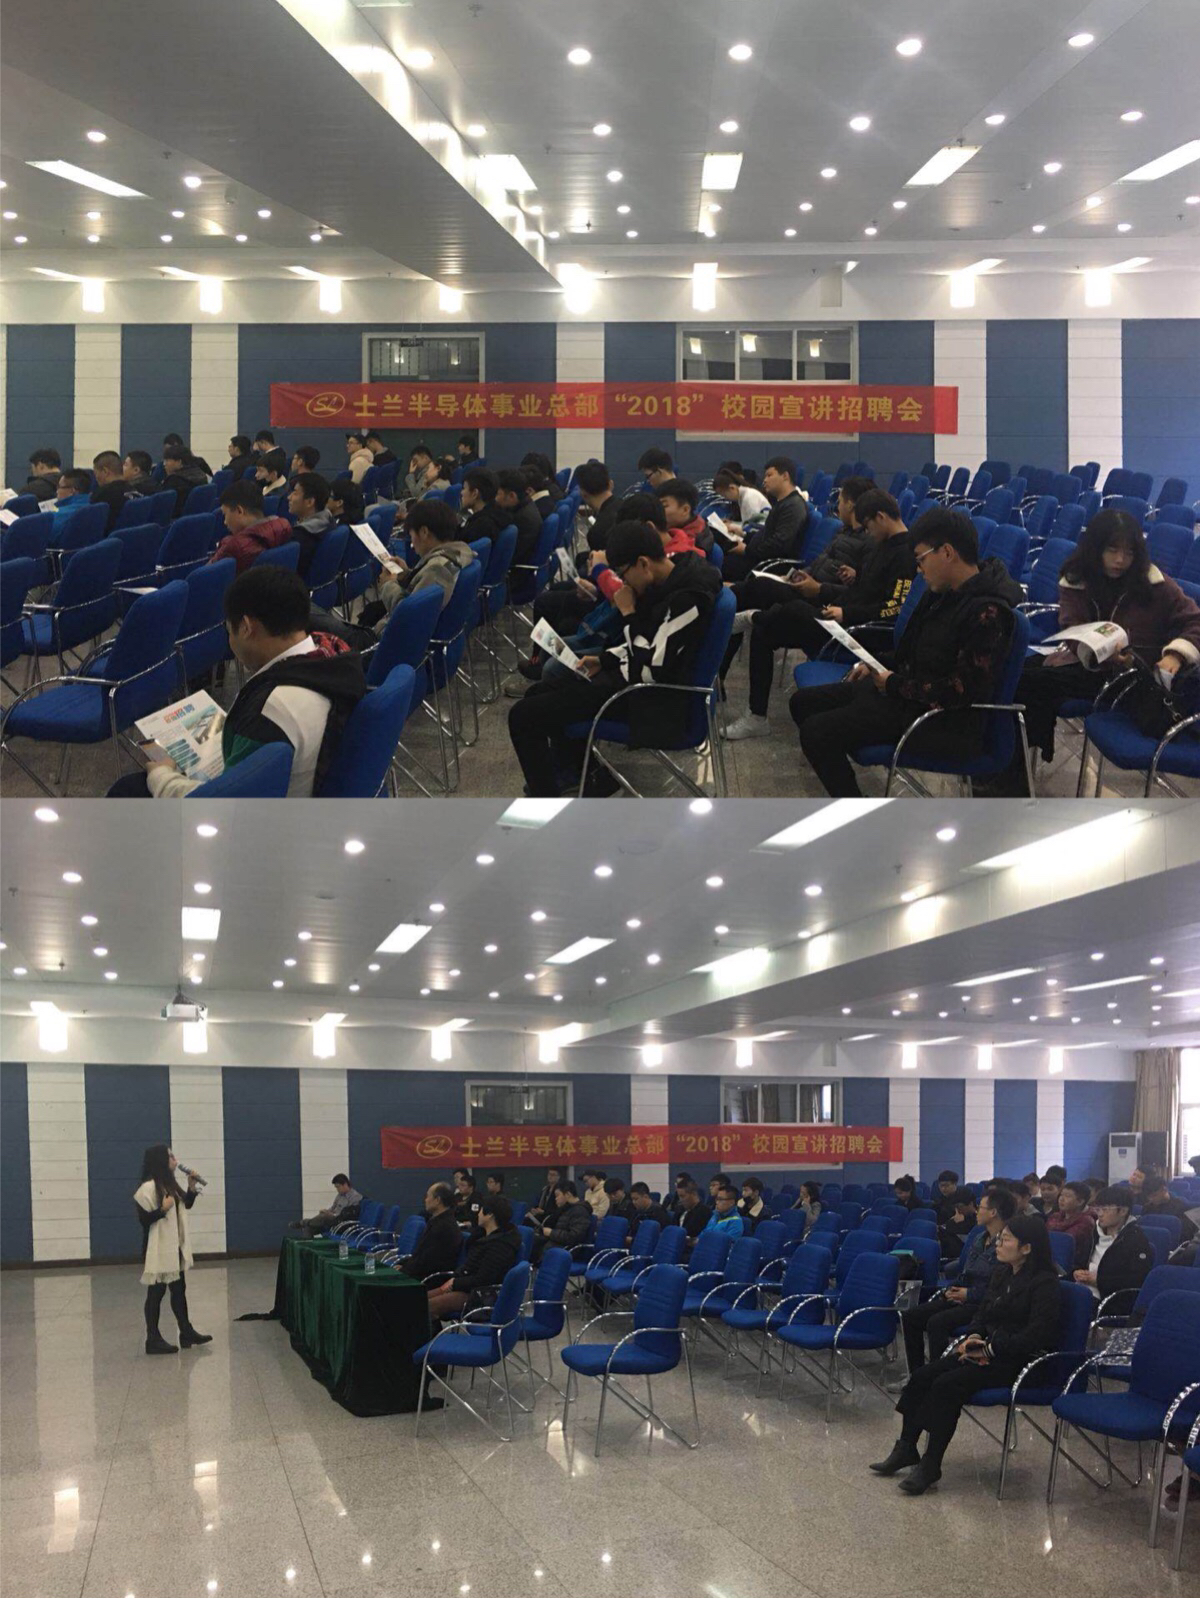 理学院举办杭州士兰集成电路有限公司宣讲交流会